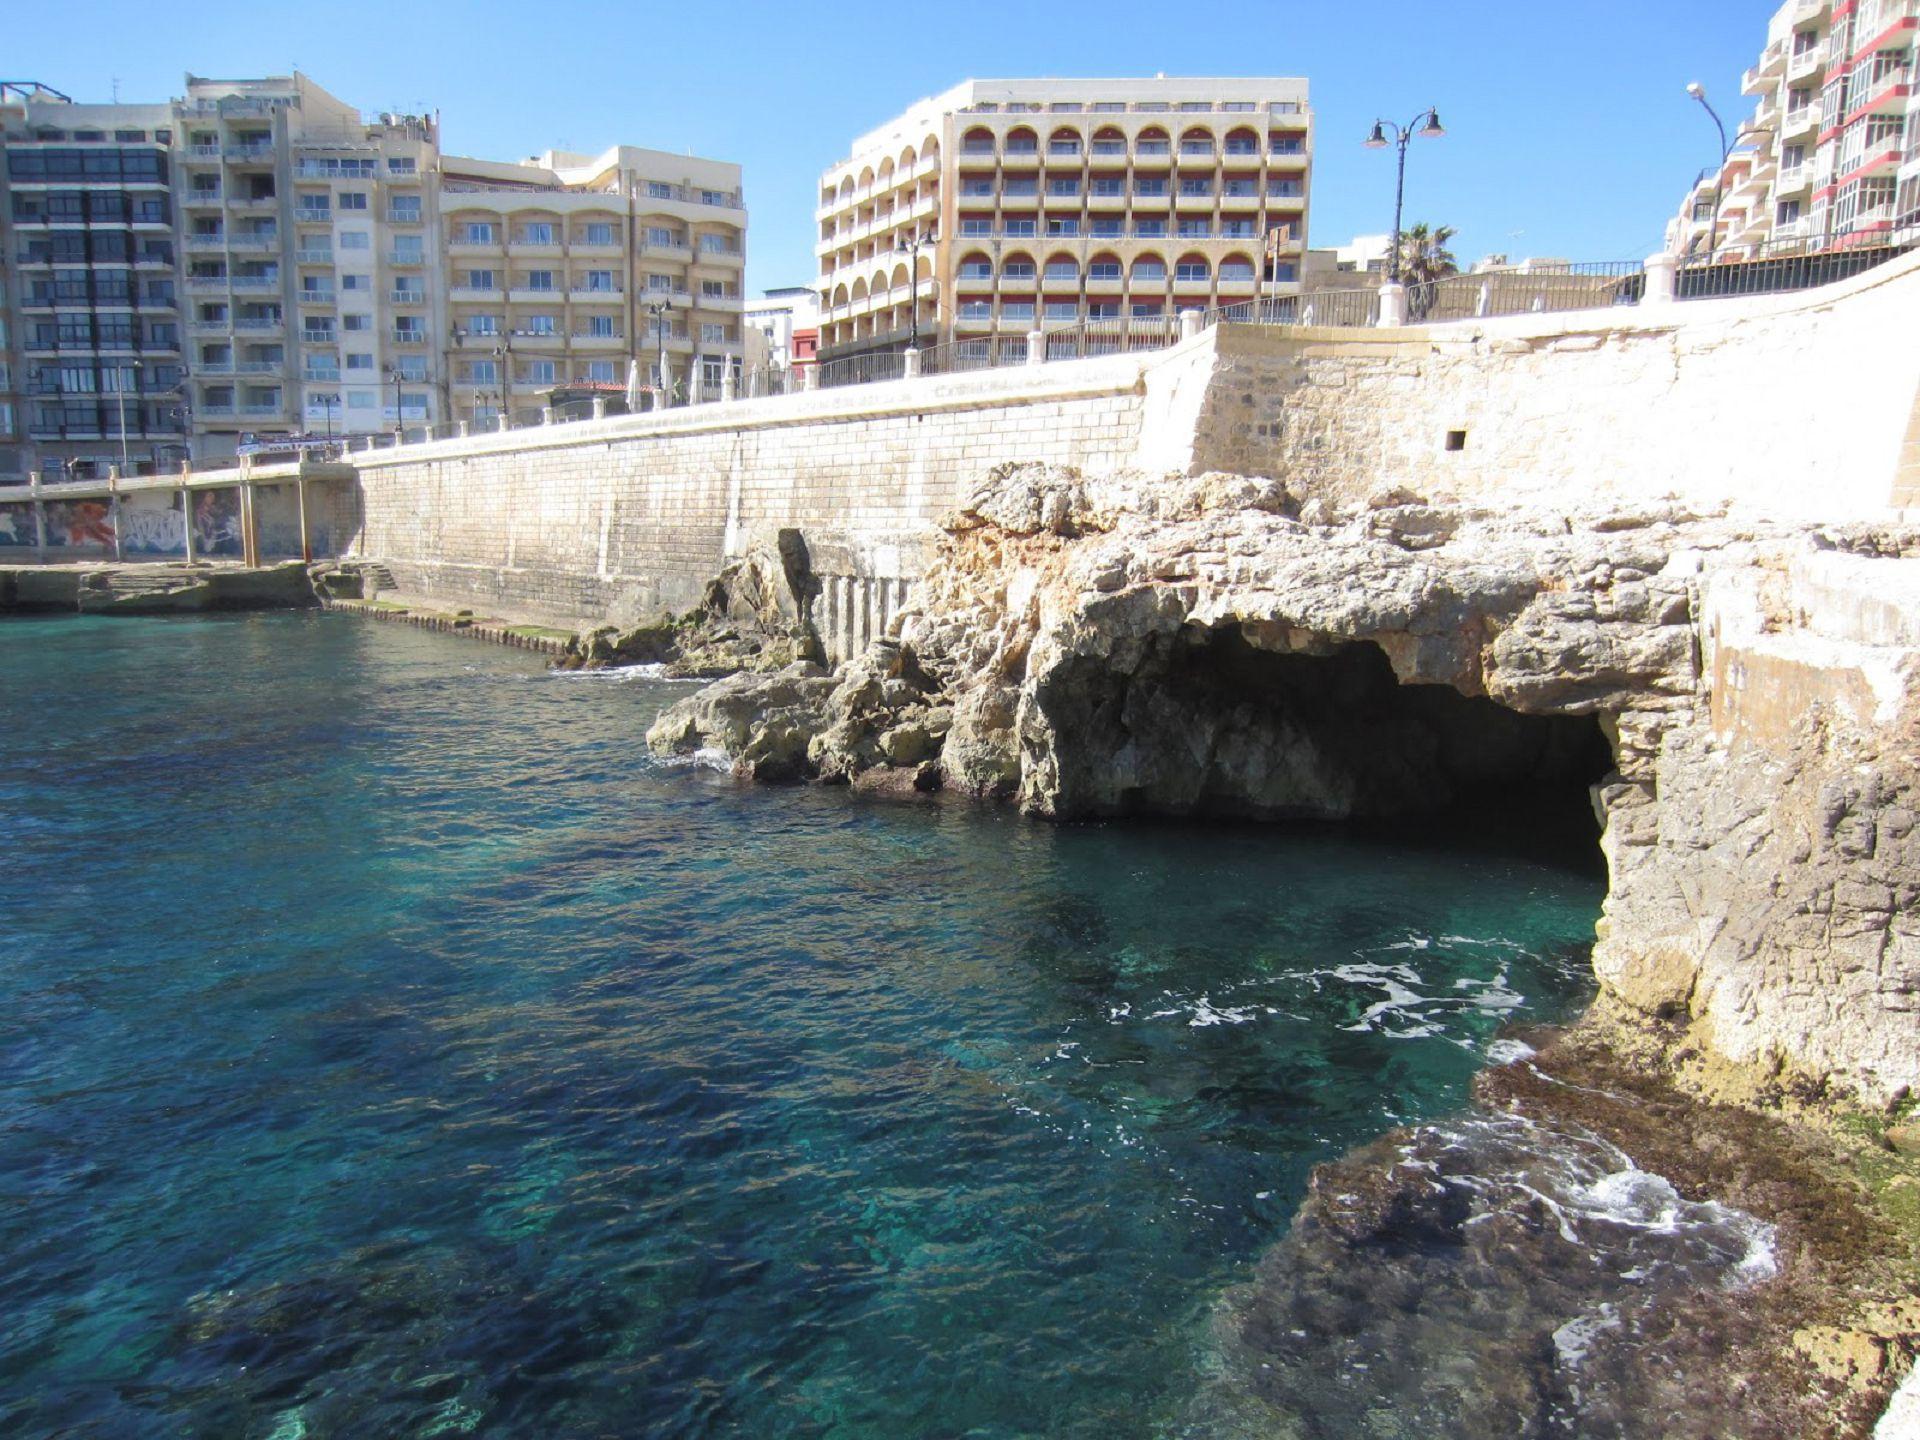 Sea Cave Malta Hd